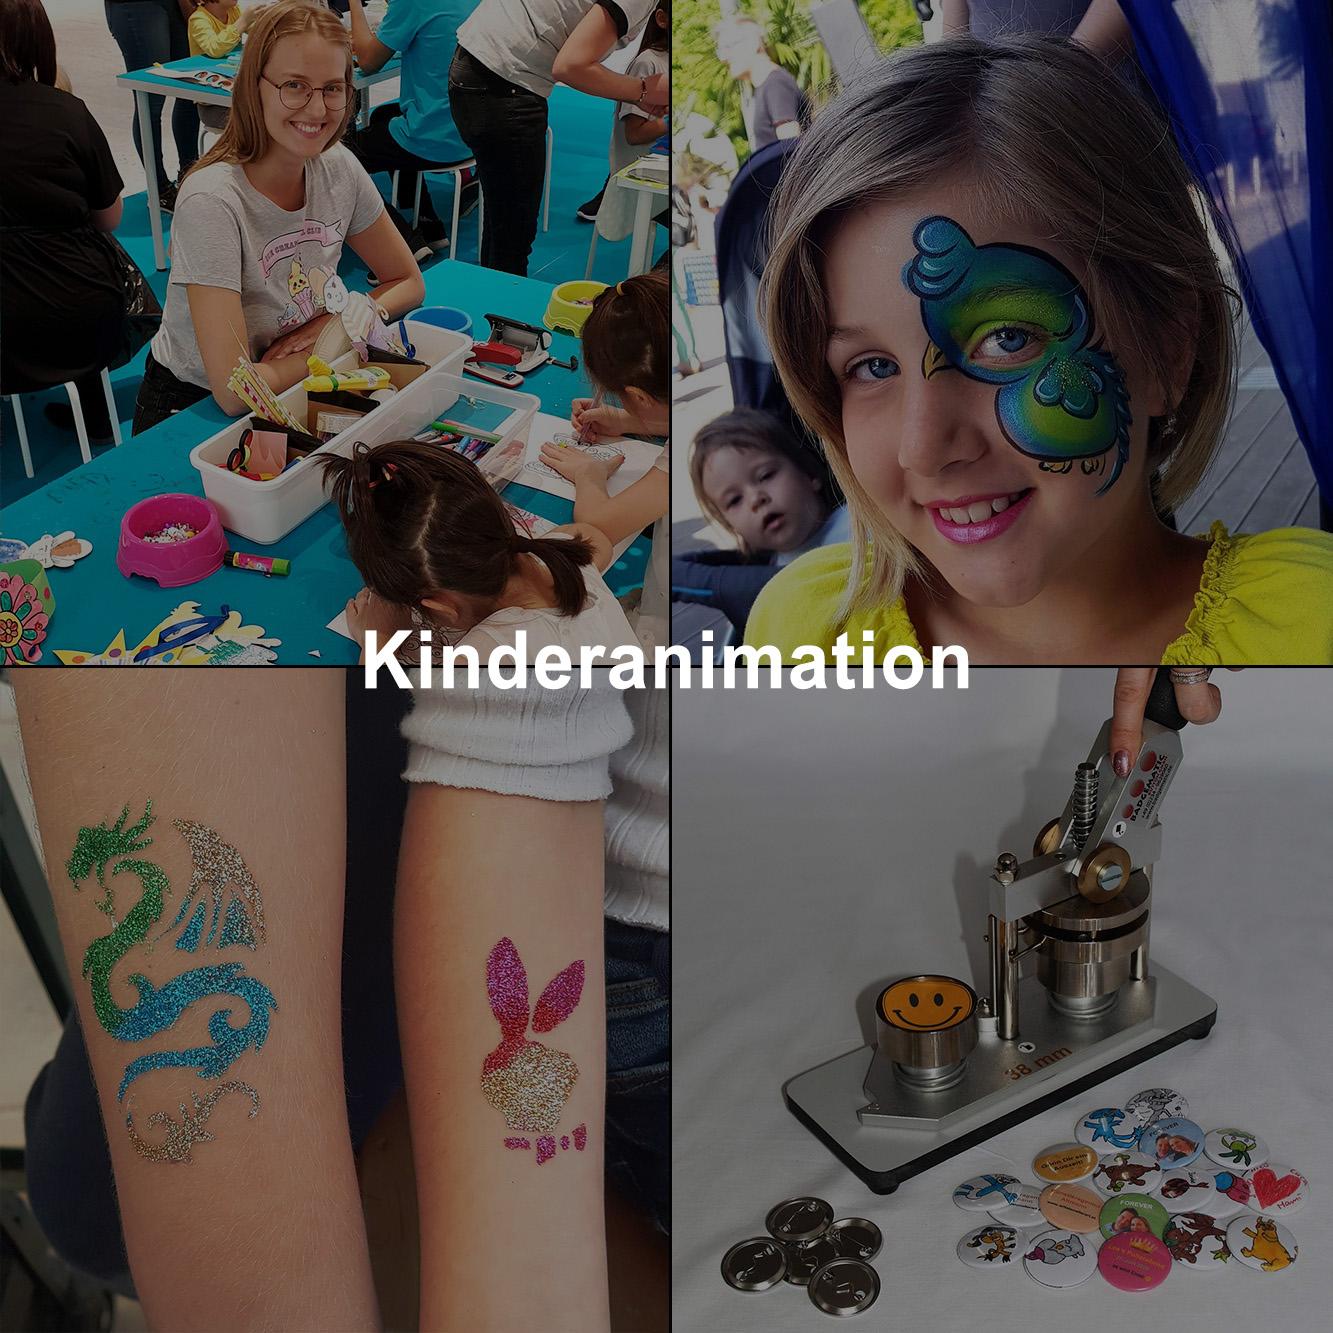 Basteln, Buttonmaschine, Glitzertattos und Kinderschminken